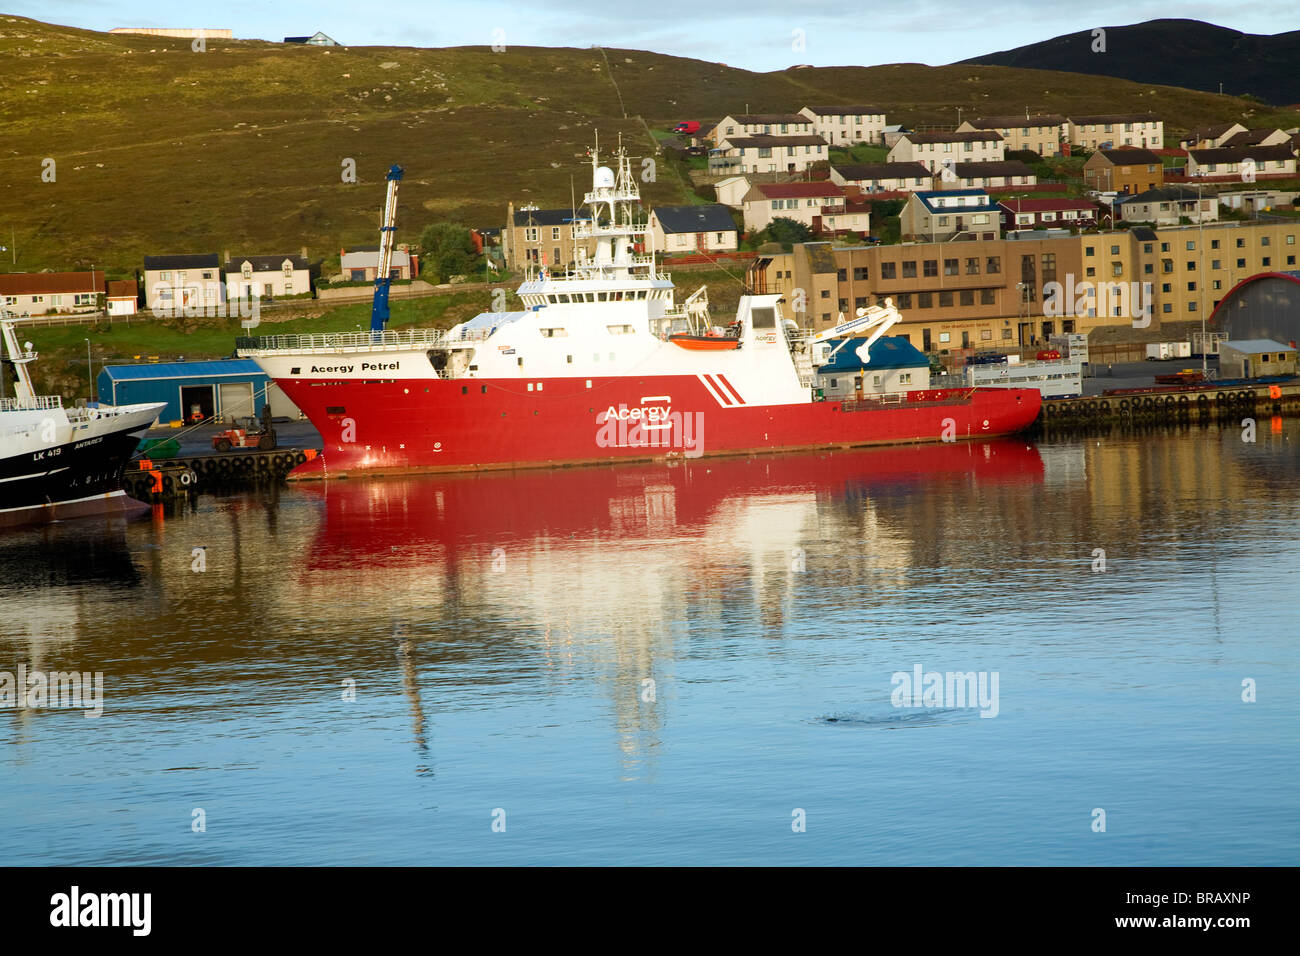 Navire de soutien de pétrel Acergy, Lerwick, Shetland, Scotland Photo Stock